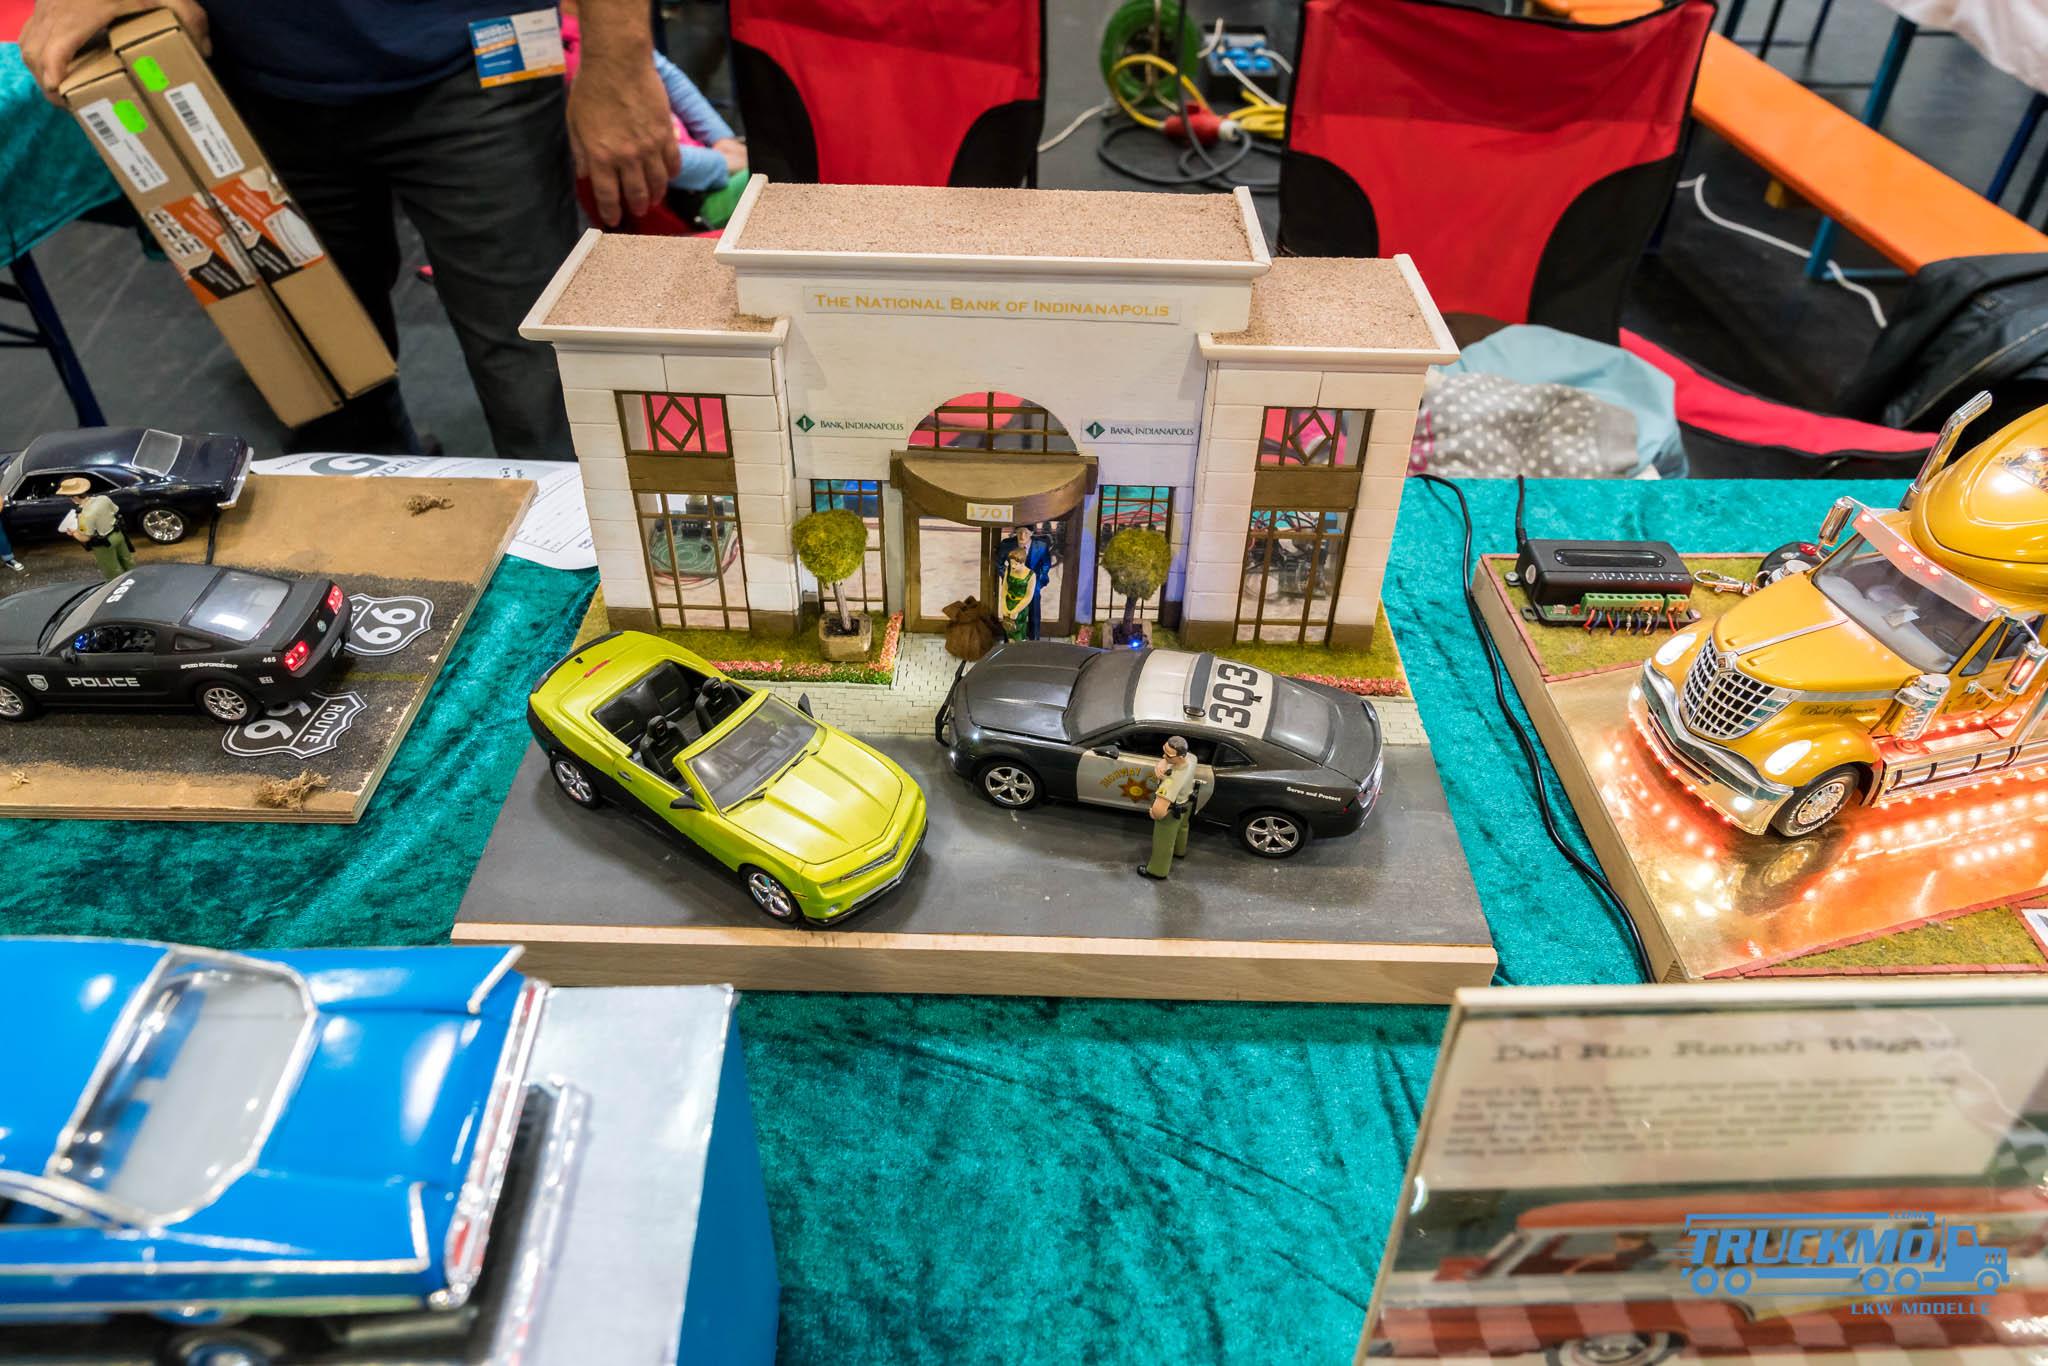 Truckmo_Modellbau_Ried_2017_Herpa_Messe_Modellbauausstellung (351 von 1177)